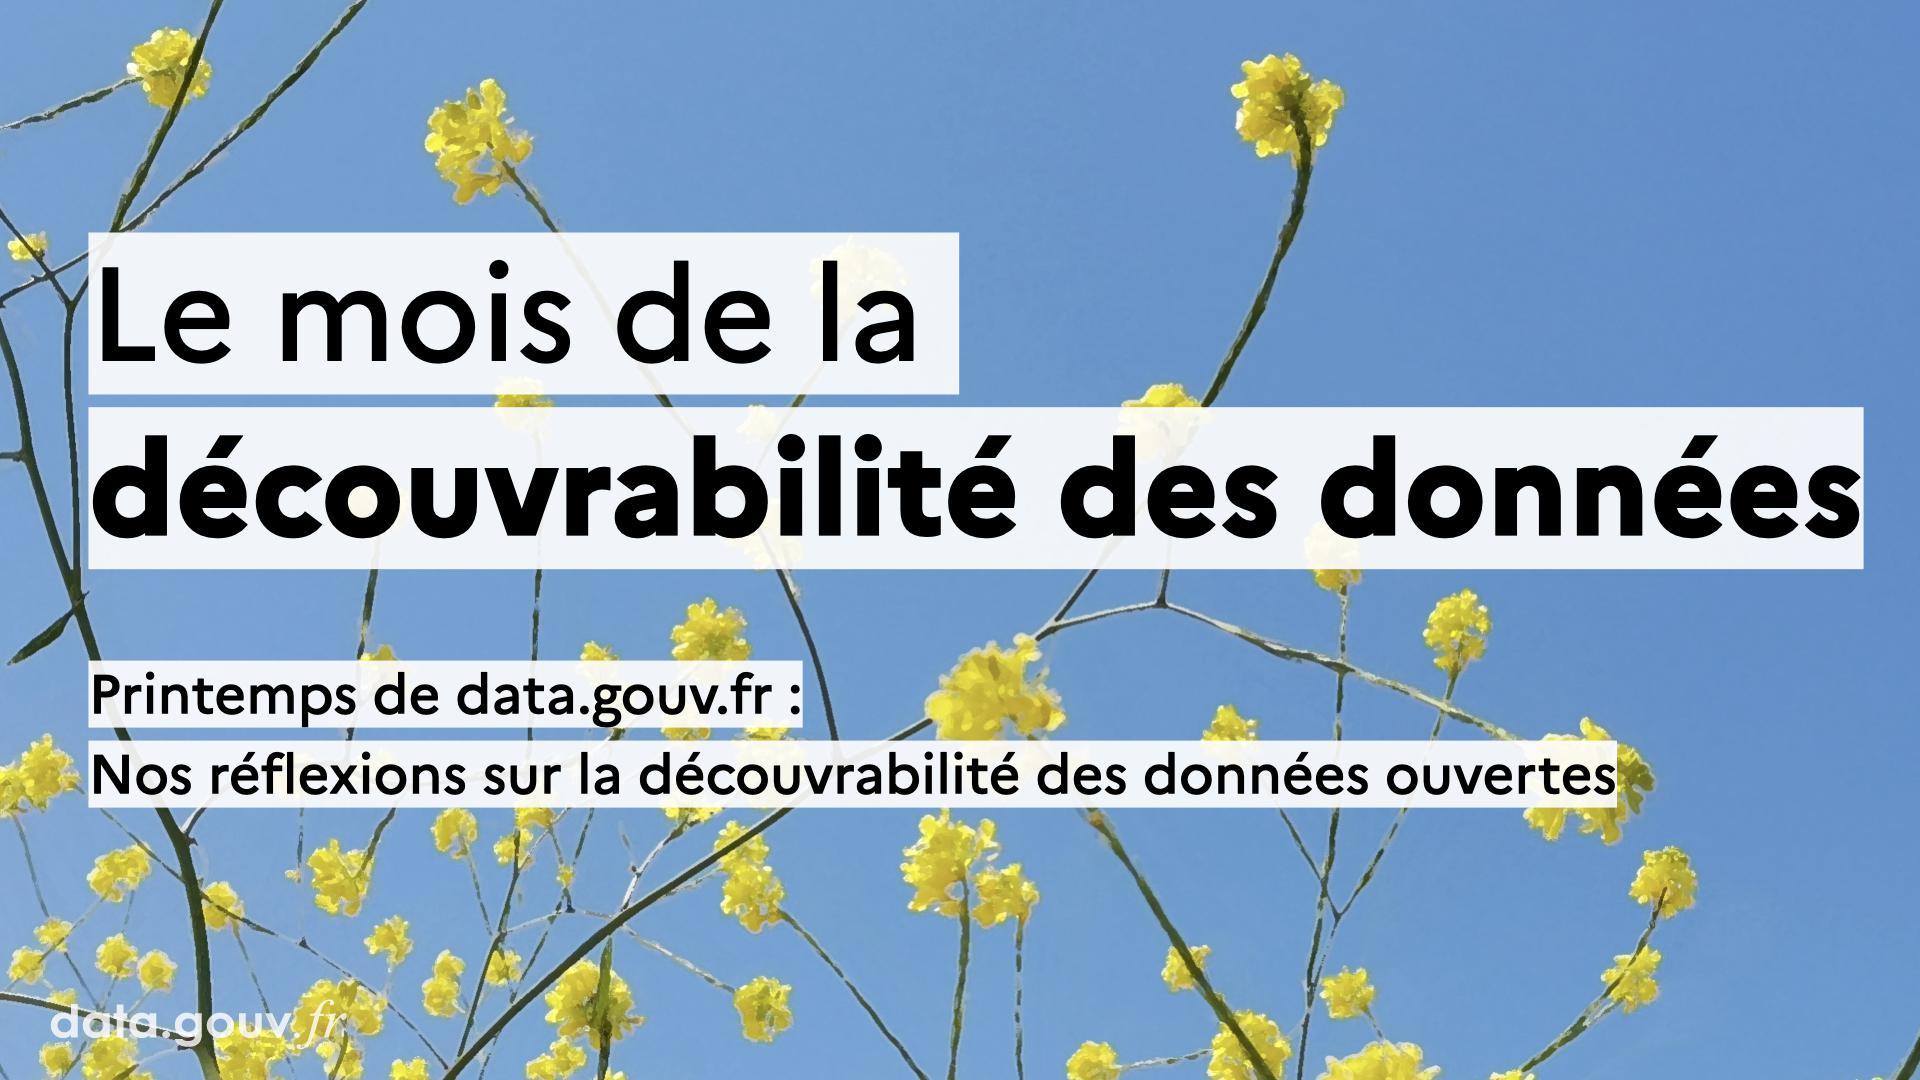 Nos réflexions sur la découvrabilité des données ouvertes